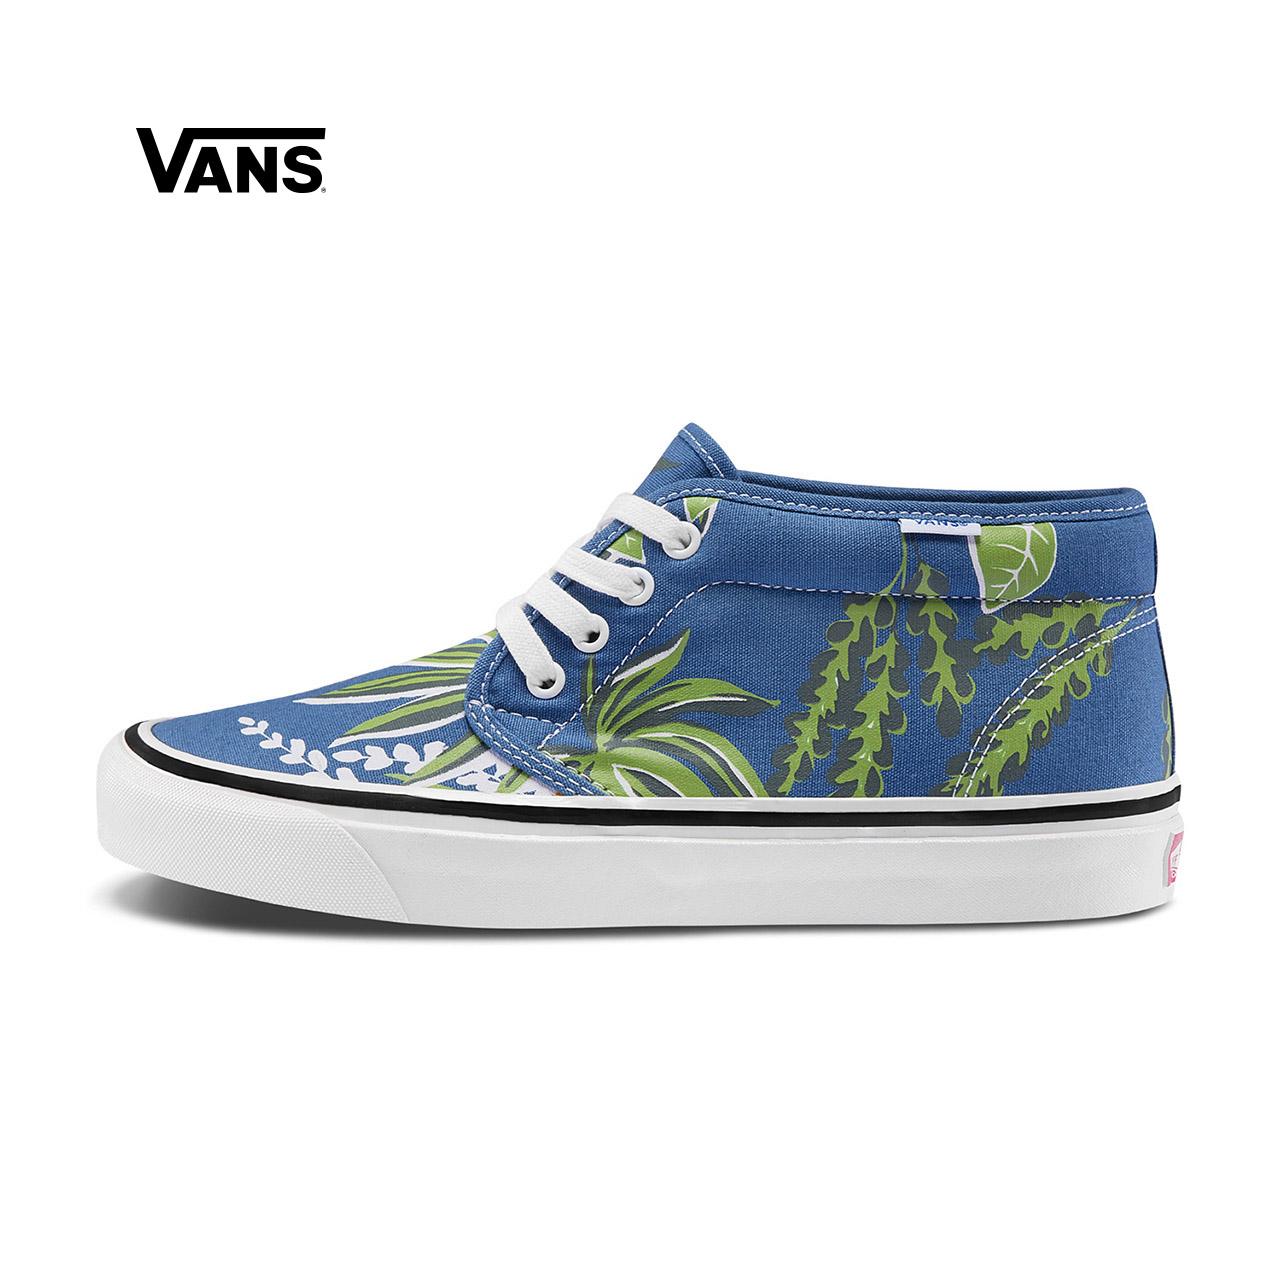 Vans范斯 经典系列 Chukka帆布鞋 安纳海姆中帮男女新款官方正品